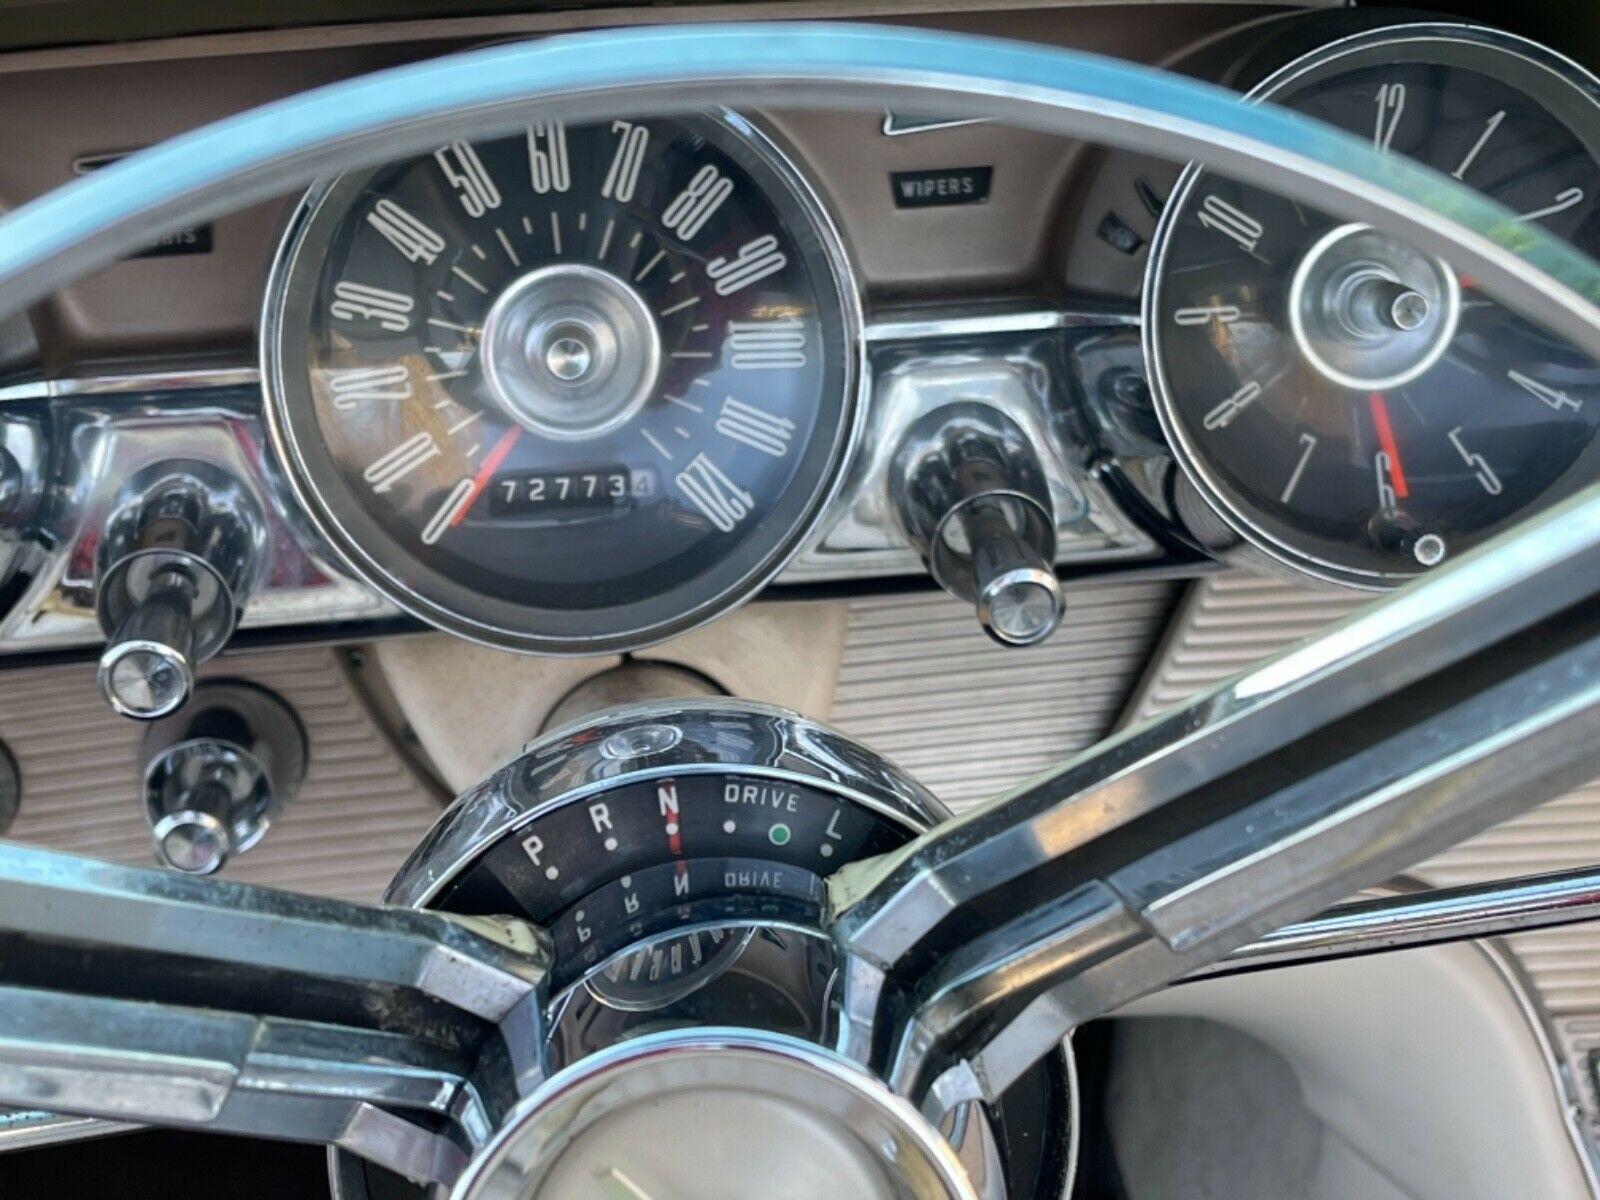 Ford Thunderbird 1962 nguyên bản xuất hiện sau 22 năm - Ảnh 4.